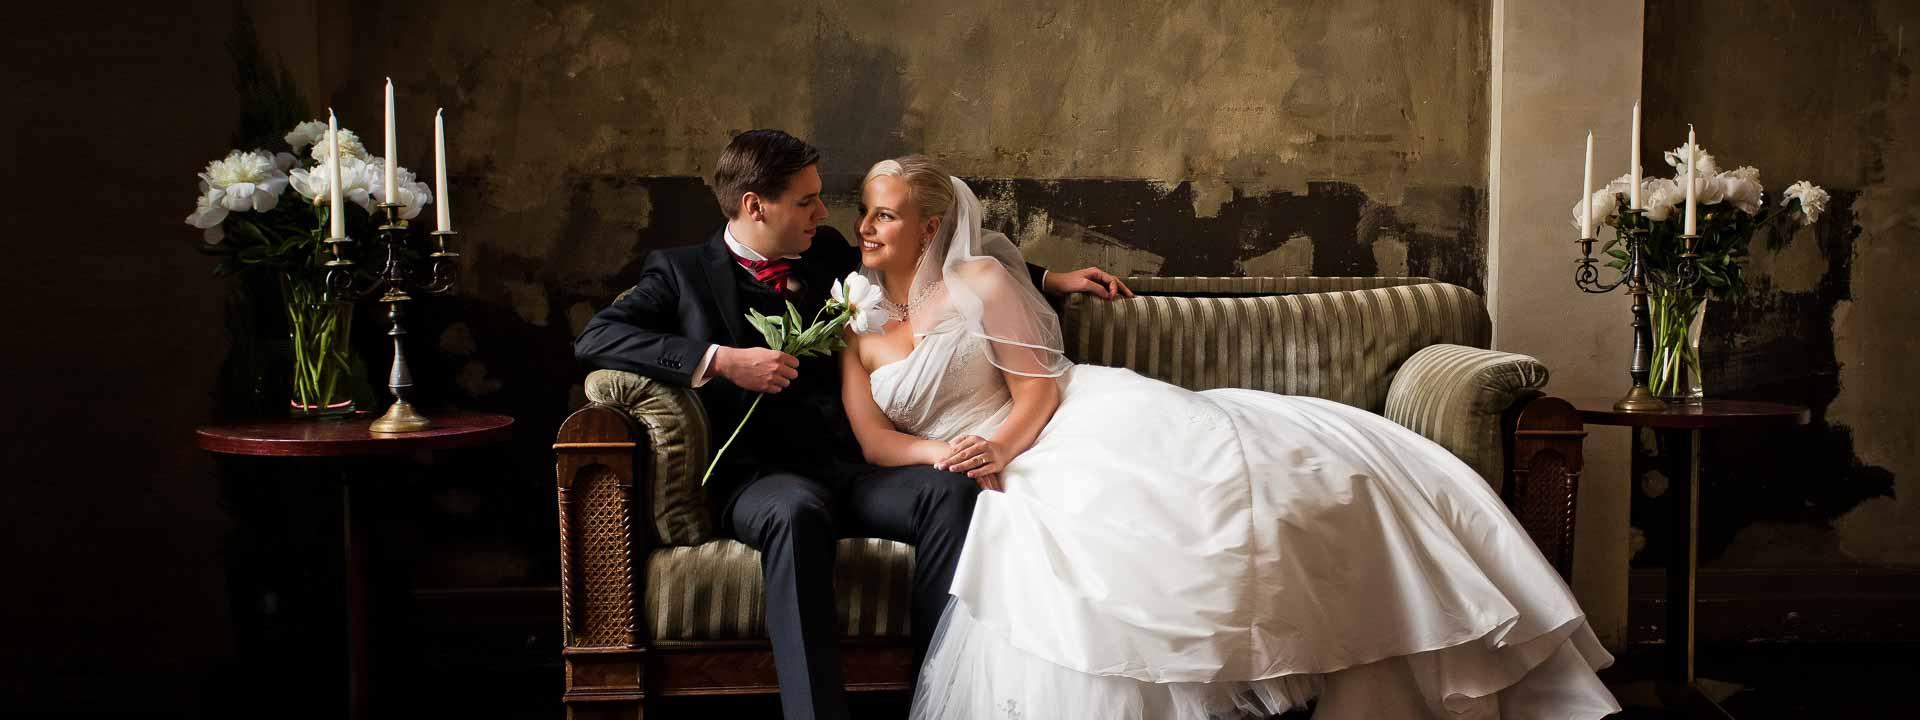 Brautpaar sitzt auf einem Sofa